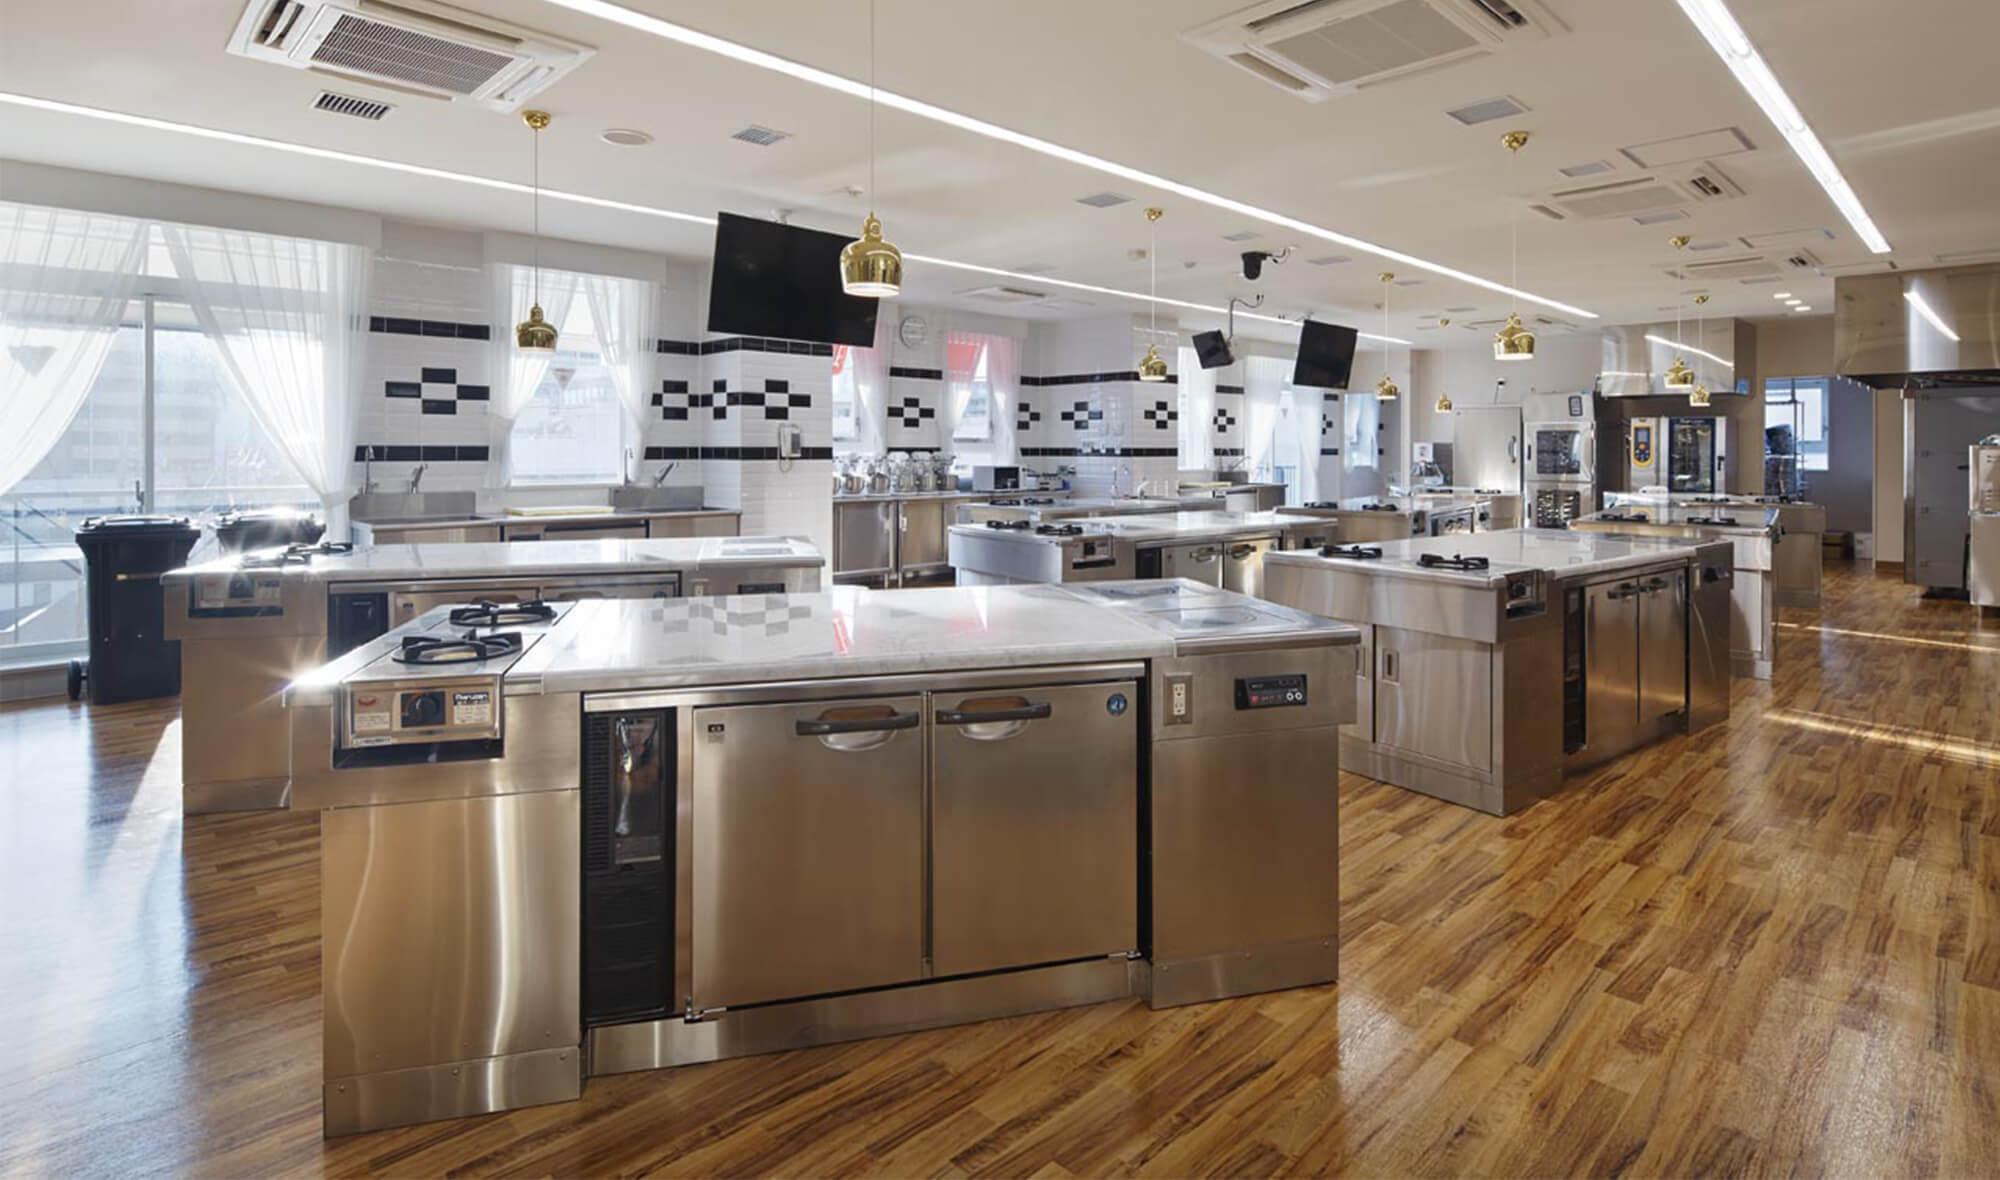 師範台を囲むように調理台を扇型に配置した製菓実習室